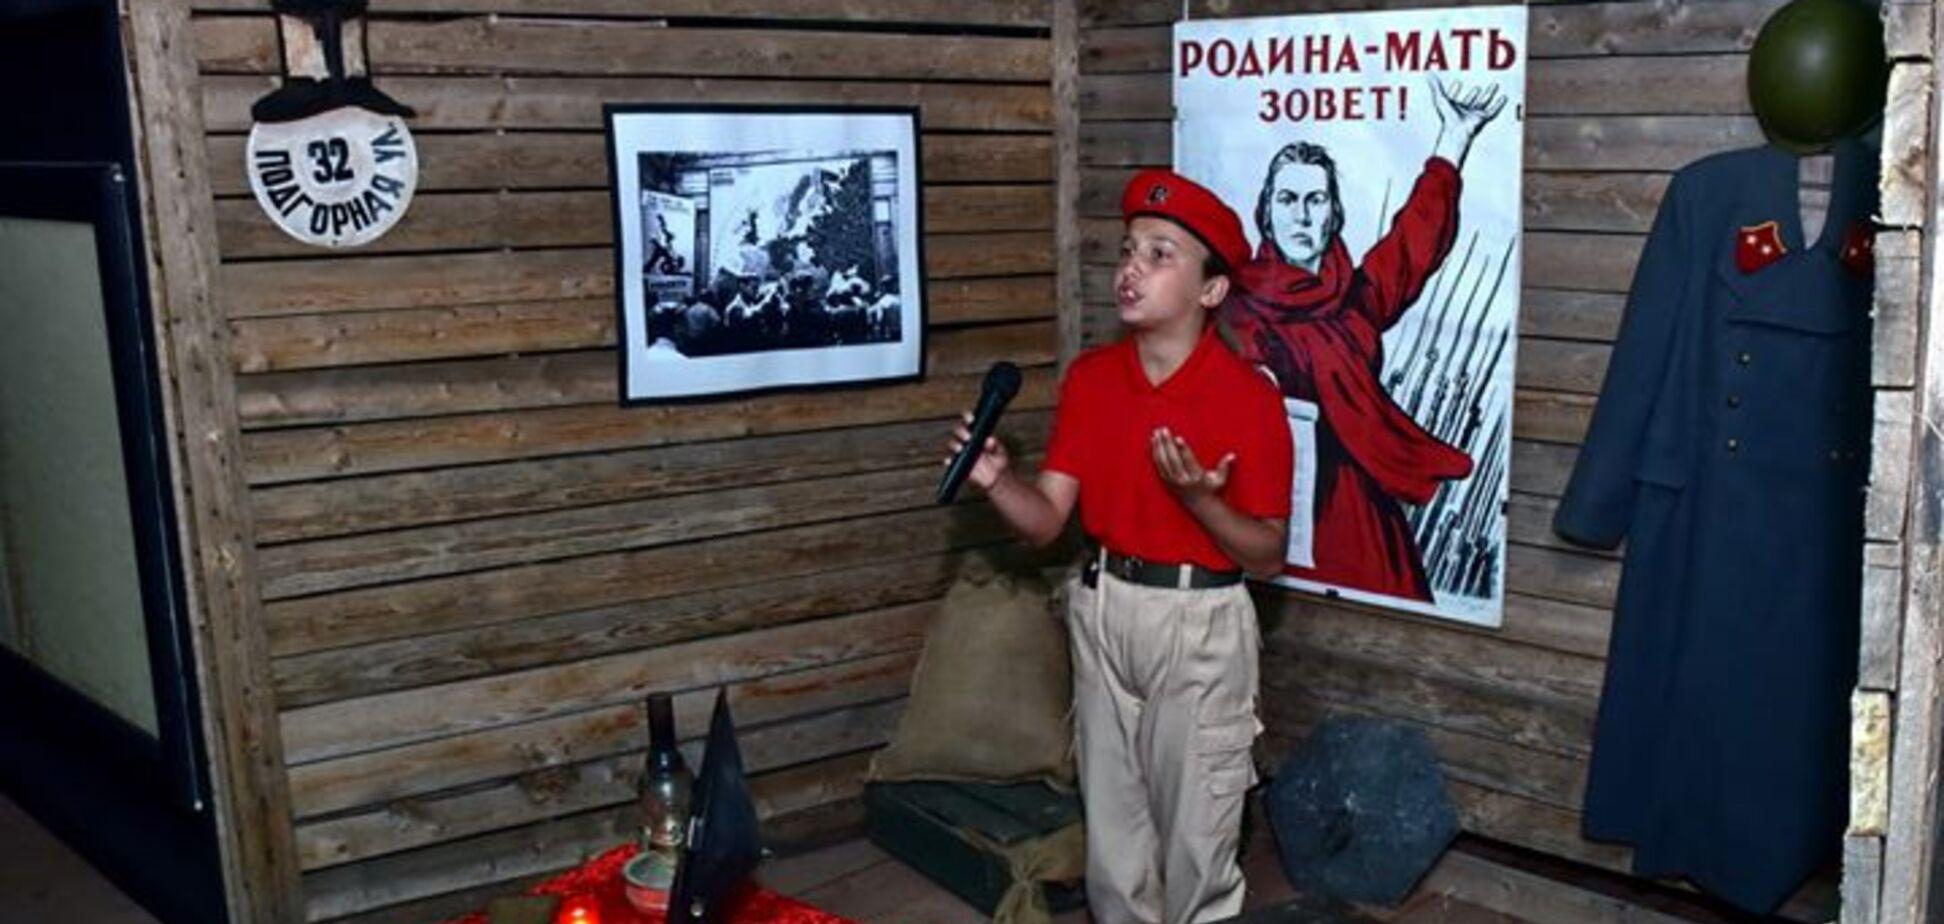 Оккупанты устроили пропагандистскую акцию в Крыму (источник: Facebook Анатолия Штефана)